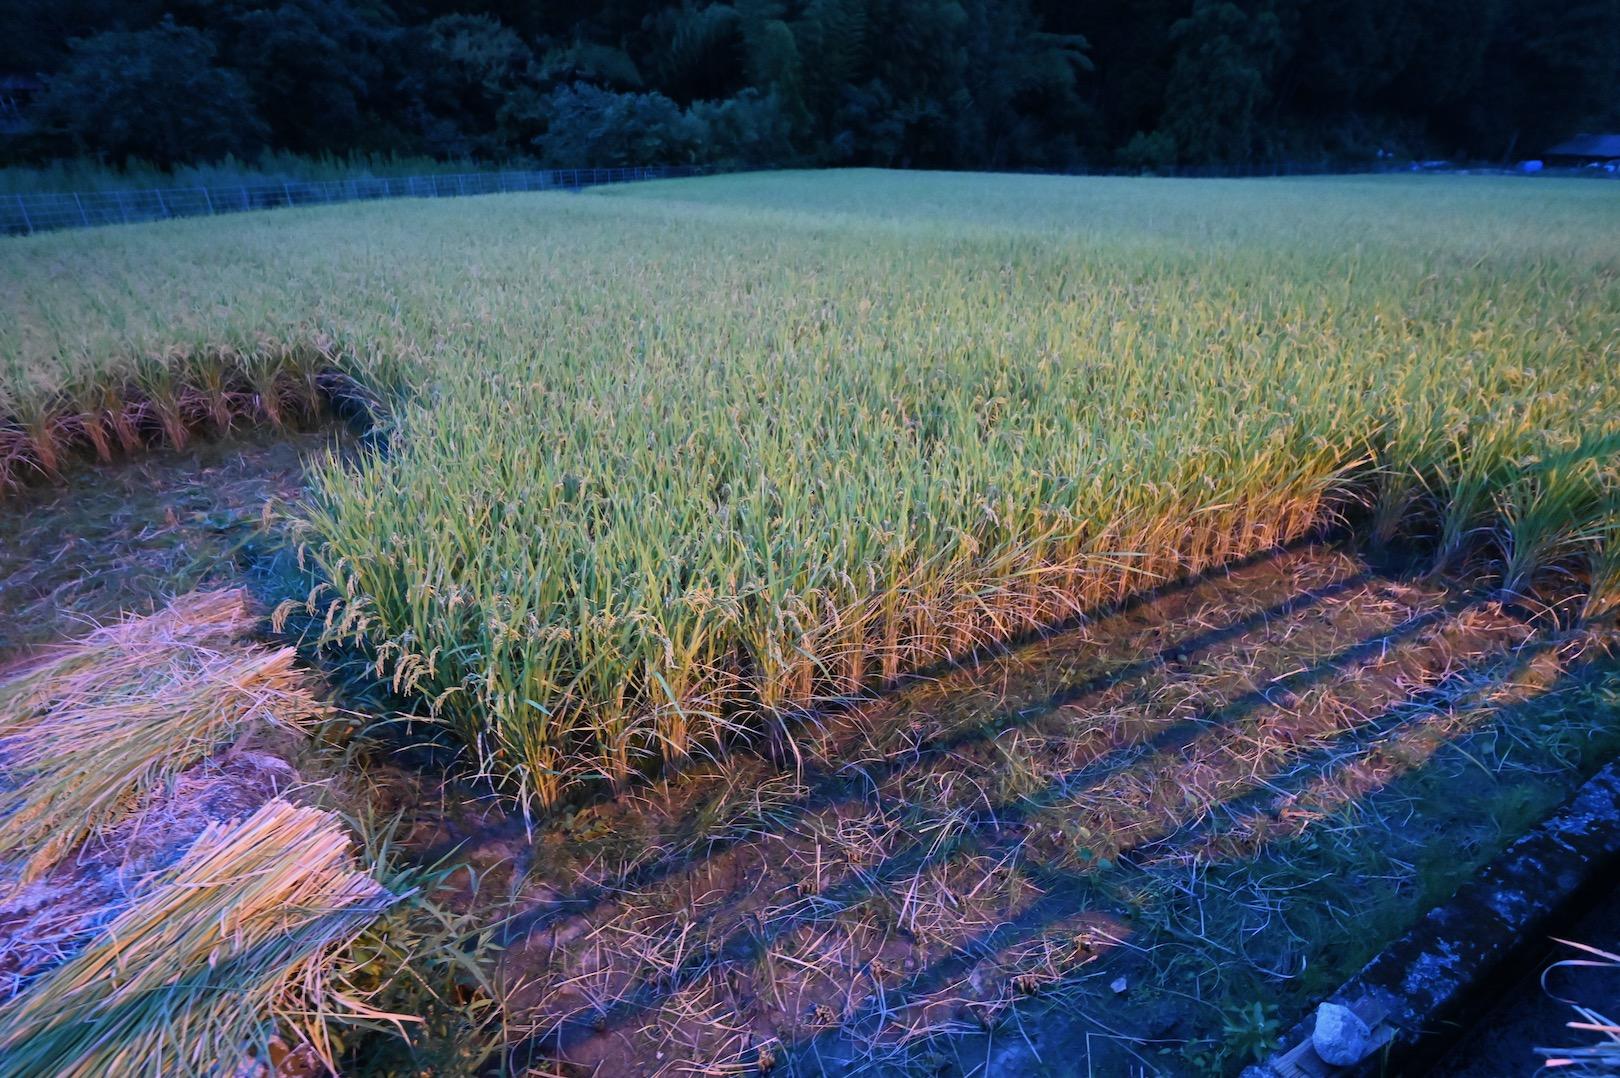 日暮れ後の田んぼ